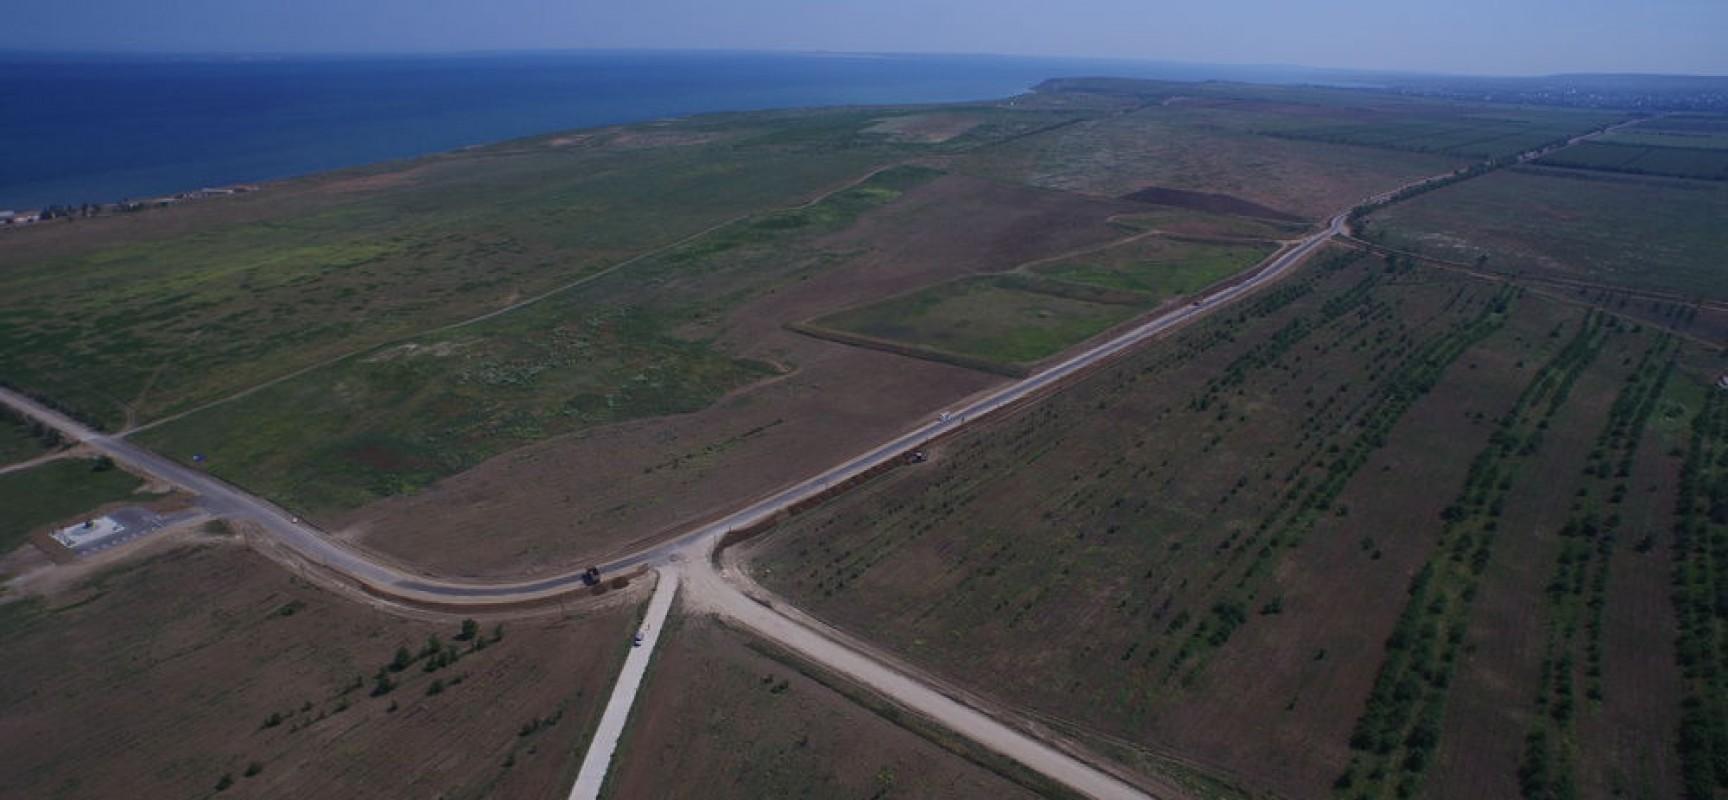 Материалы для строительства повезут в обход населённых пунктов